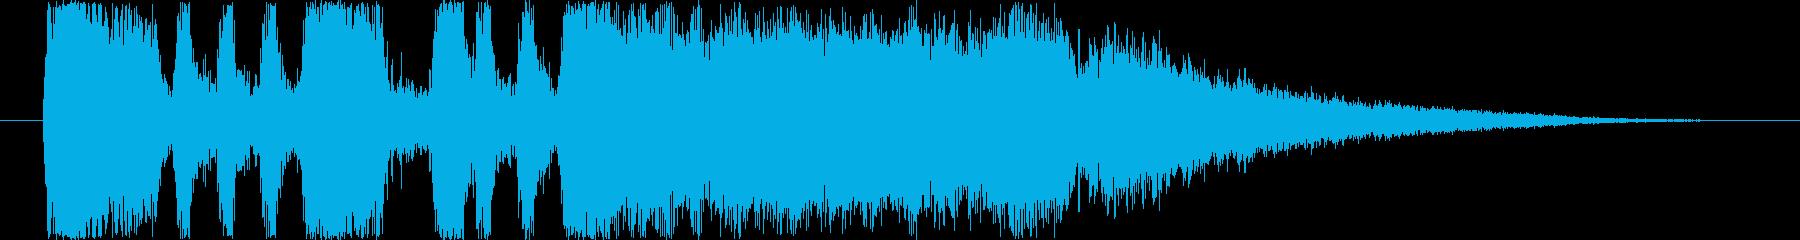 ファンファーレ2の再生済みの波形